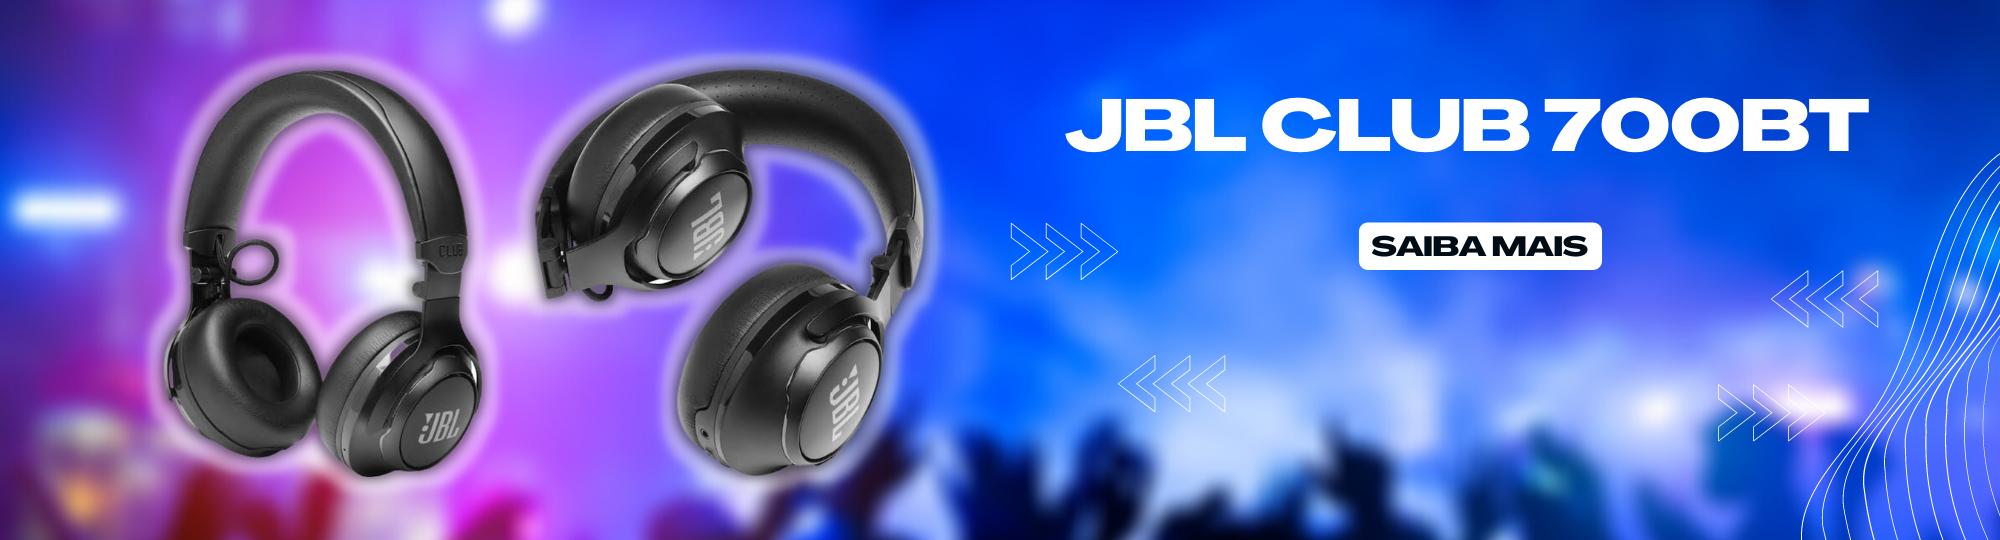 JBL CLUB 700BT